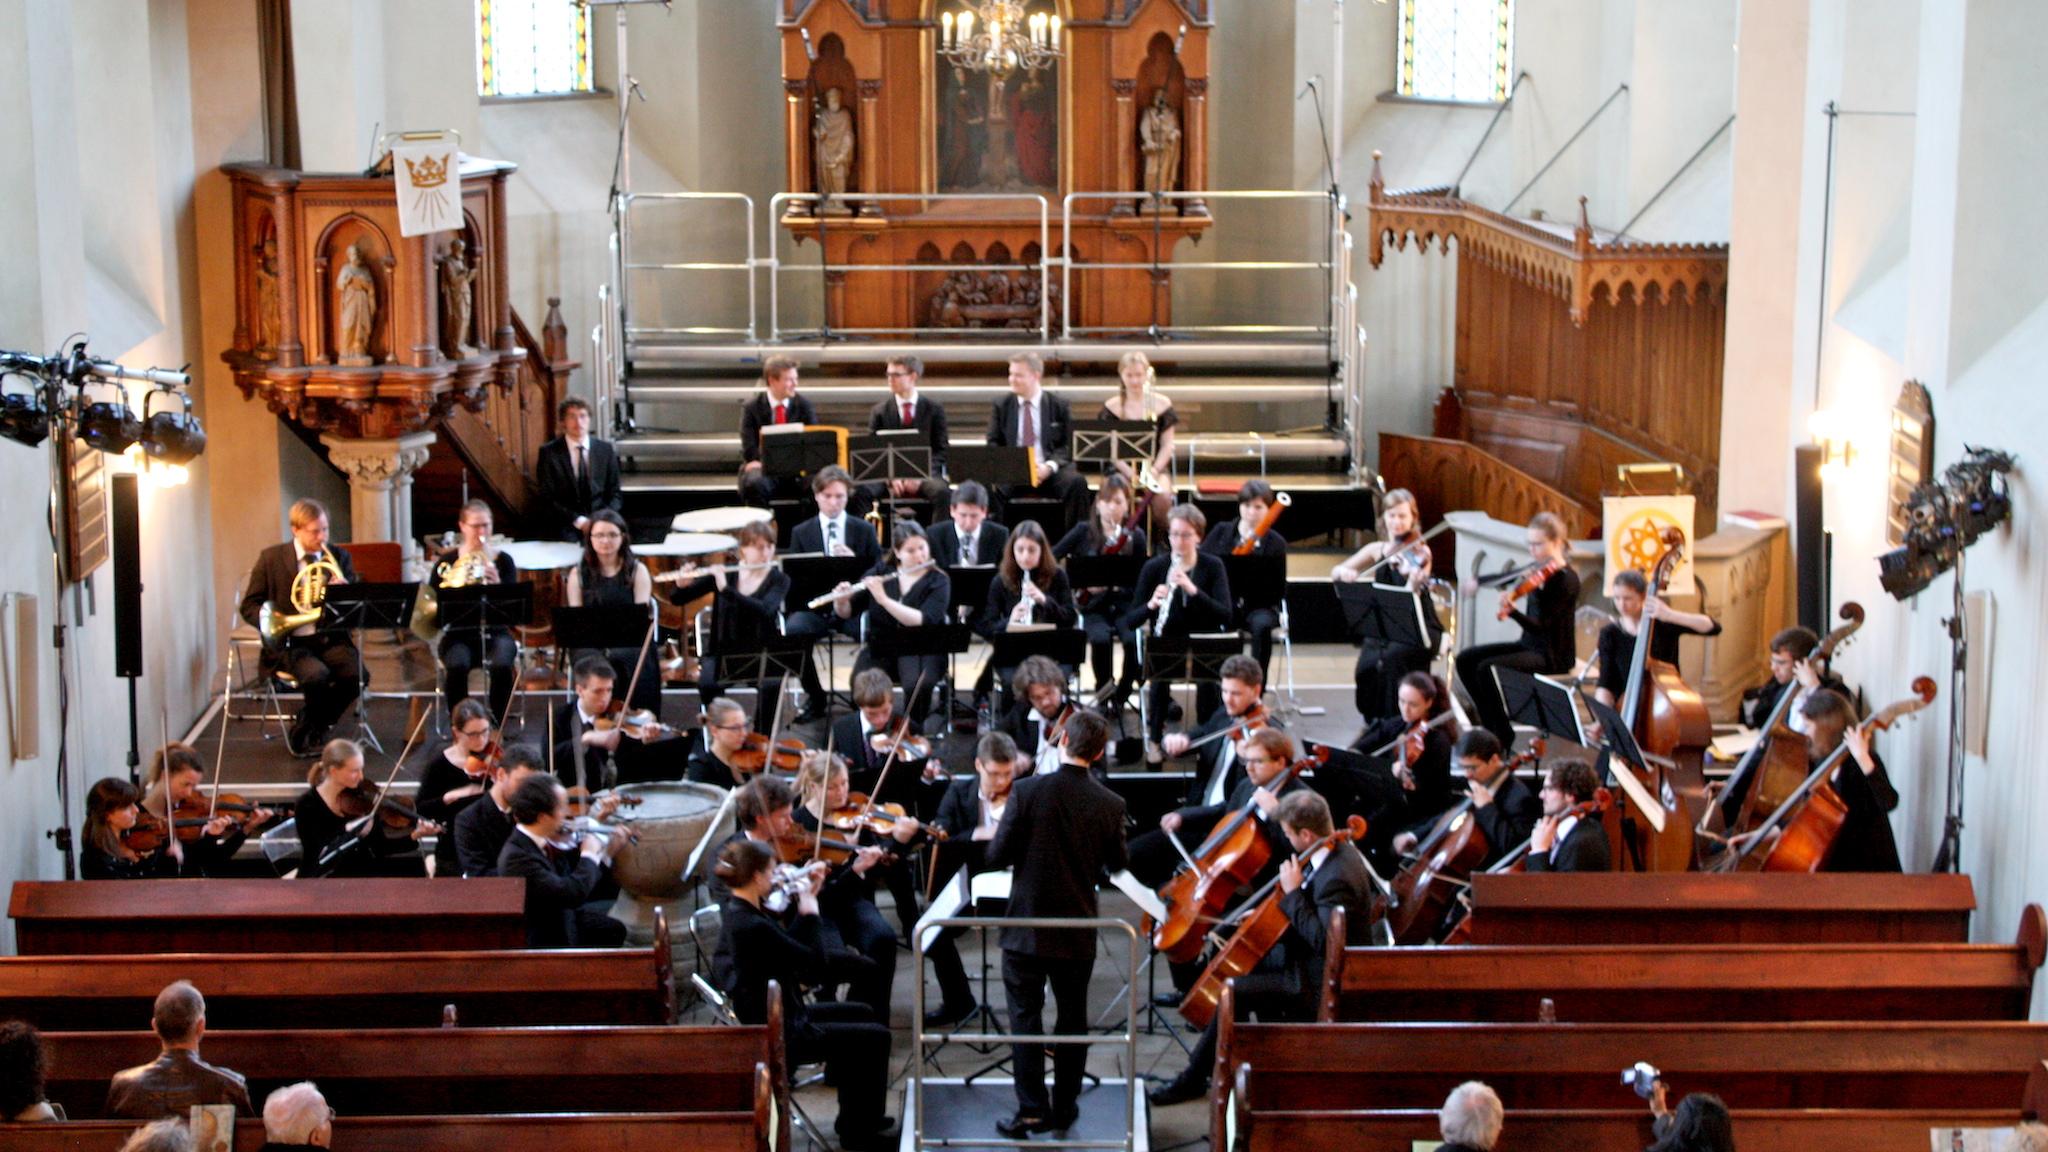 JPON Konzert am 1. Mai 2016 im Kloster Mariensee